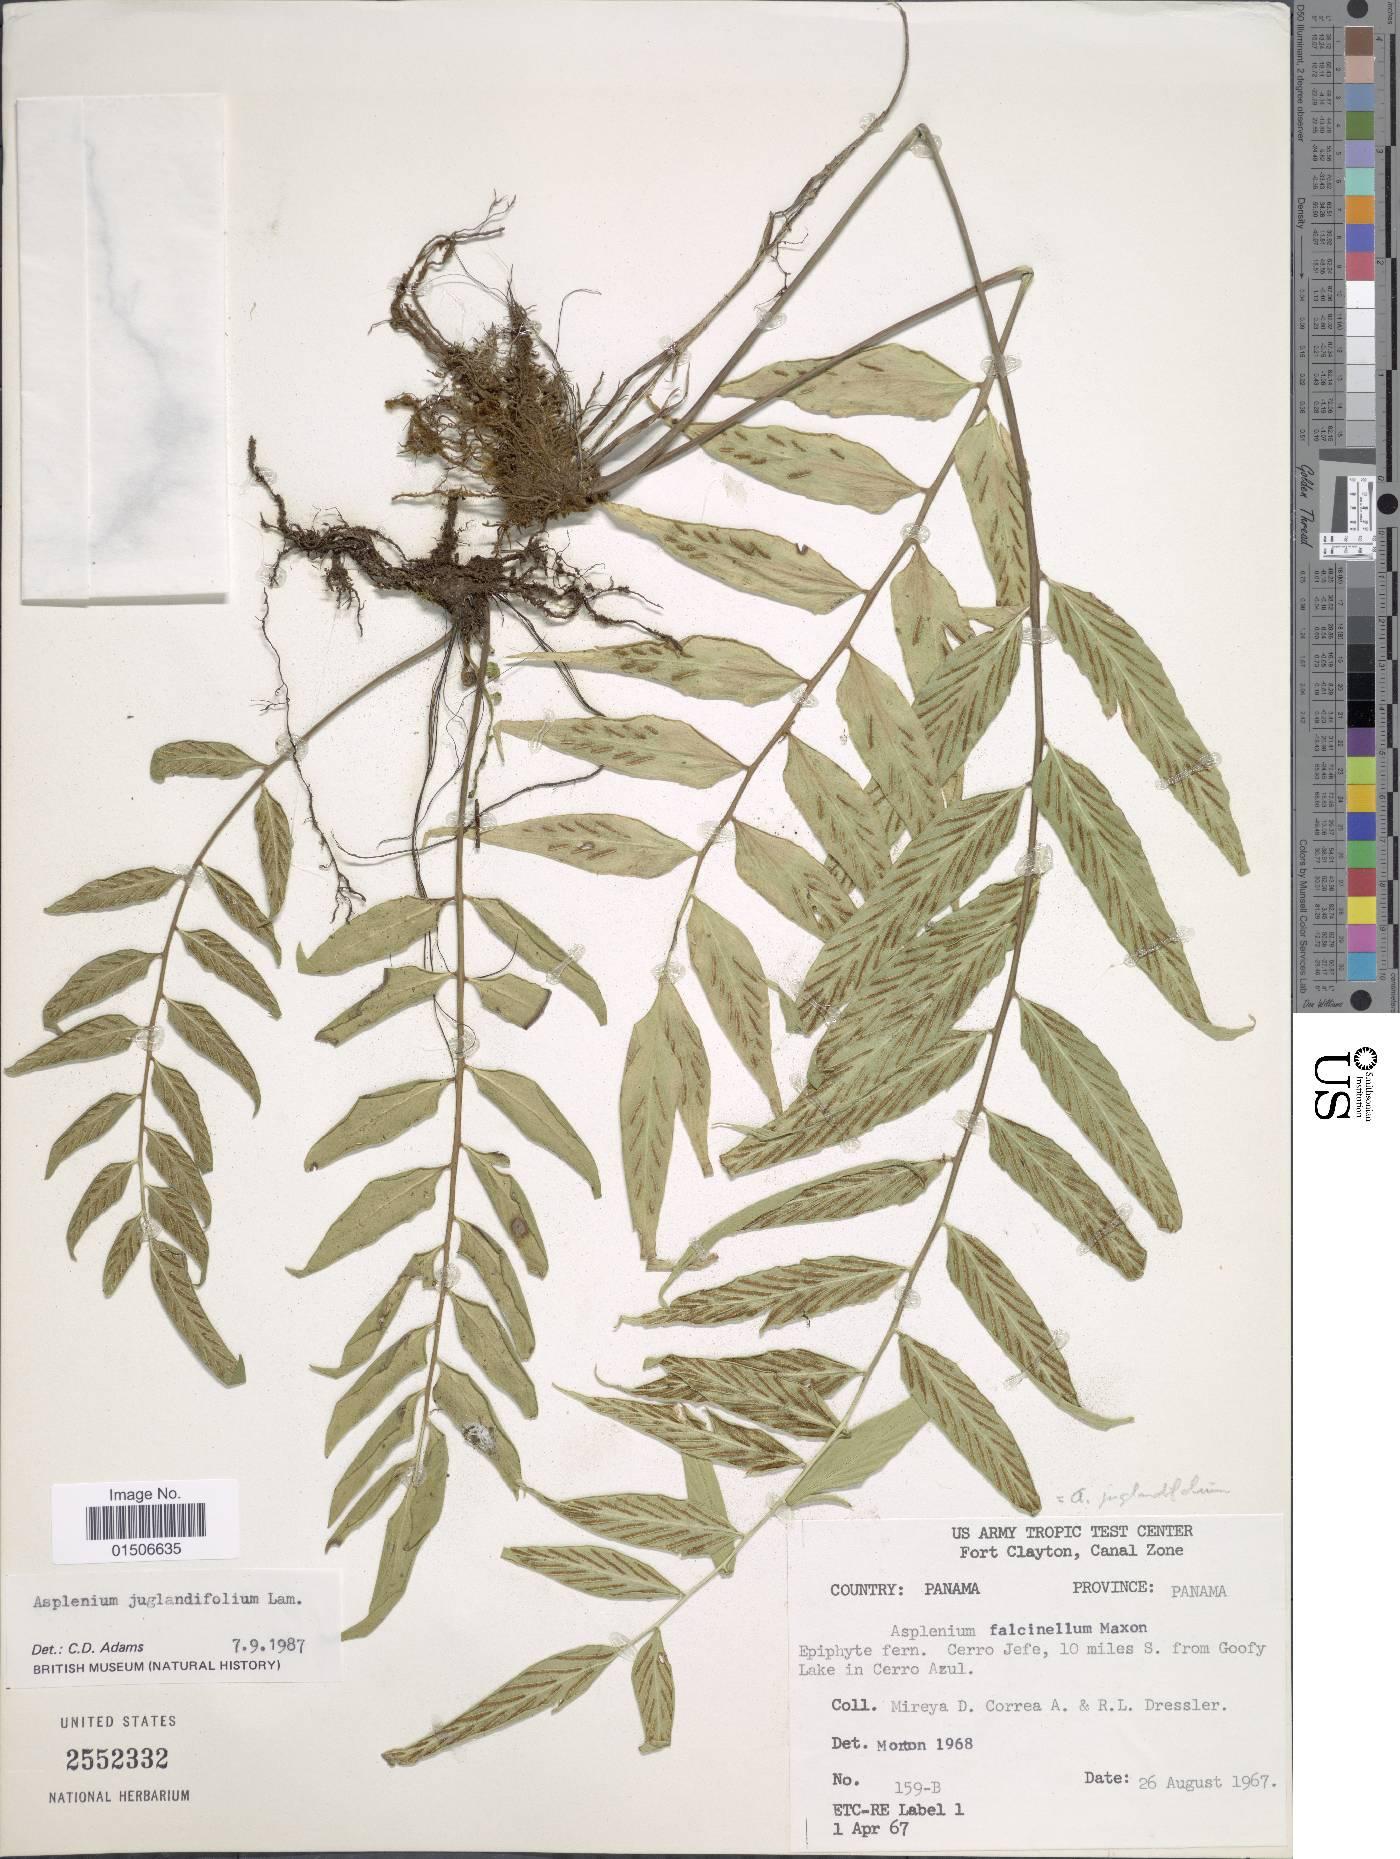 Asplenium juglandifolium image